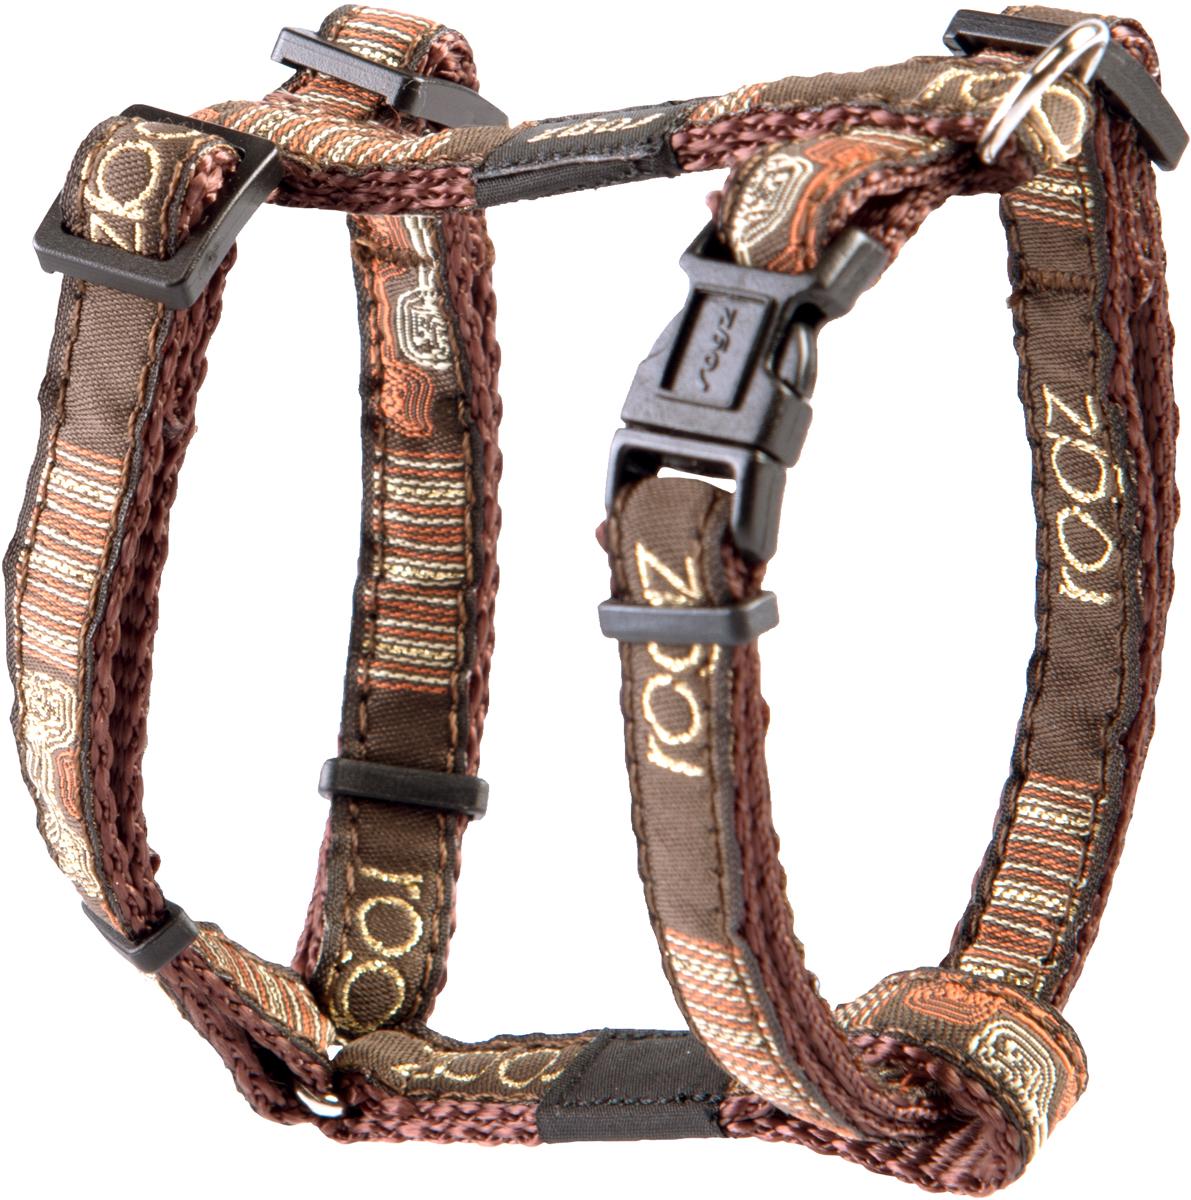 Шлейка для собак Rogz Fancy Dress, цвет: коричневый, ширина 1,1 см0120710Шлейка для собак Rogz Fancy Dress имеет необычный дизайн. Широкая гамма потрясающе красивых орнаментов на прочной тесьме поверх нейлоновой ленты украсит вашего питомца.Застегивается, не доставляя неудобство собаке.Специальная конструкция пряжки Rog Loc - очень крепкая(система Fort Knox). Замок может быть расстегнут только рукой человека.С помощью системы ремней изделие подгоняется под животного индивидуально.Необыкновенно крепкая и прочная шлейка.Выполненные по заказу литые кольца выдерживают значительные физические нагрузки и имеют хромирование, нанесенное гальваническим способом, что позволяет избежать коррозии и потускнения изделия.Легко можно прикрепить к ошейнику и поводку.